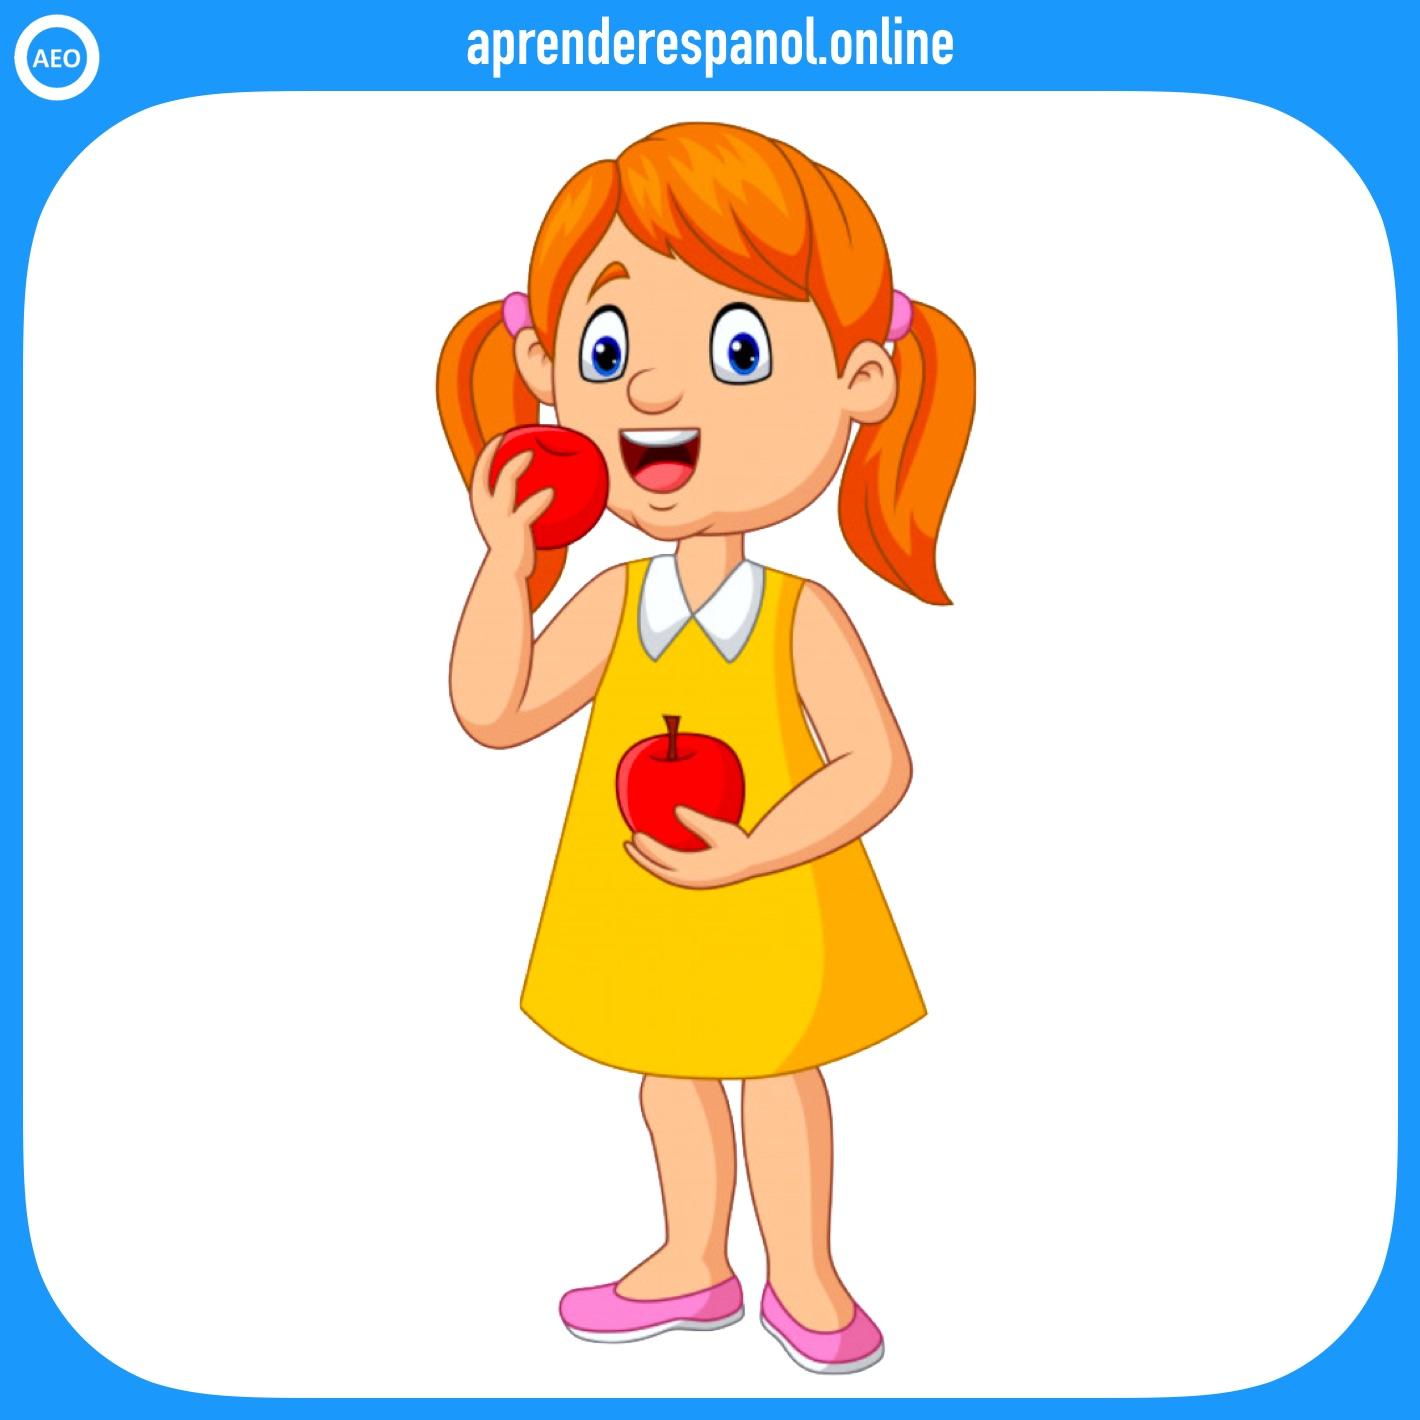 frutas: manzana - frutas en español - vocabulario de las frutas en español